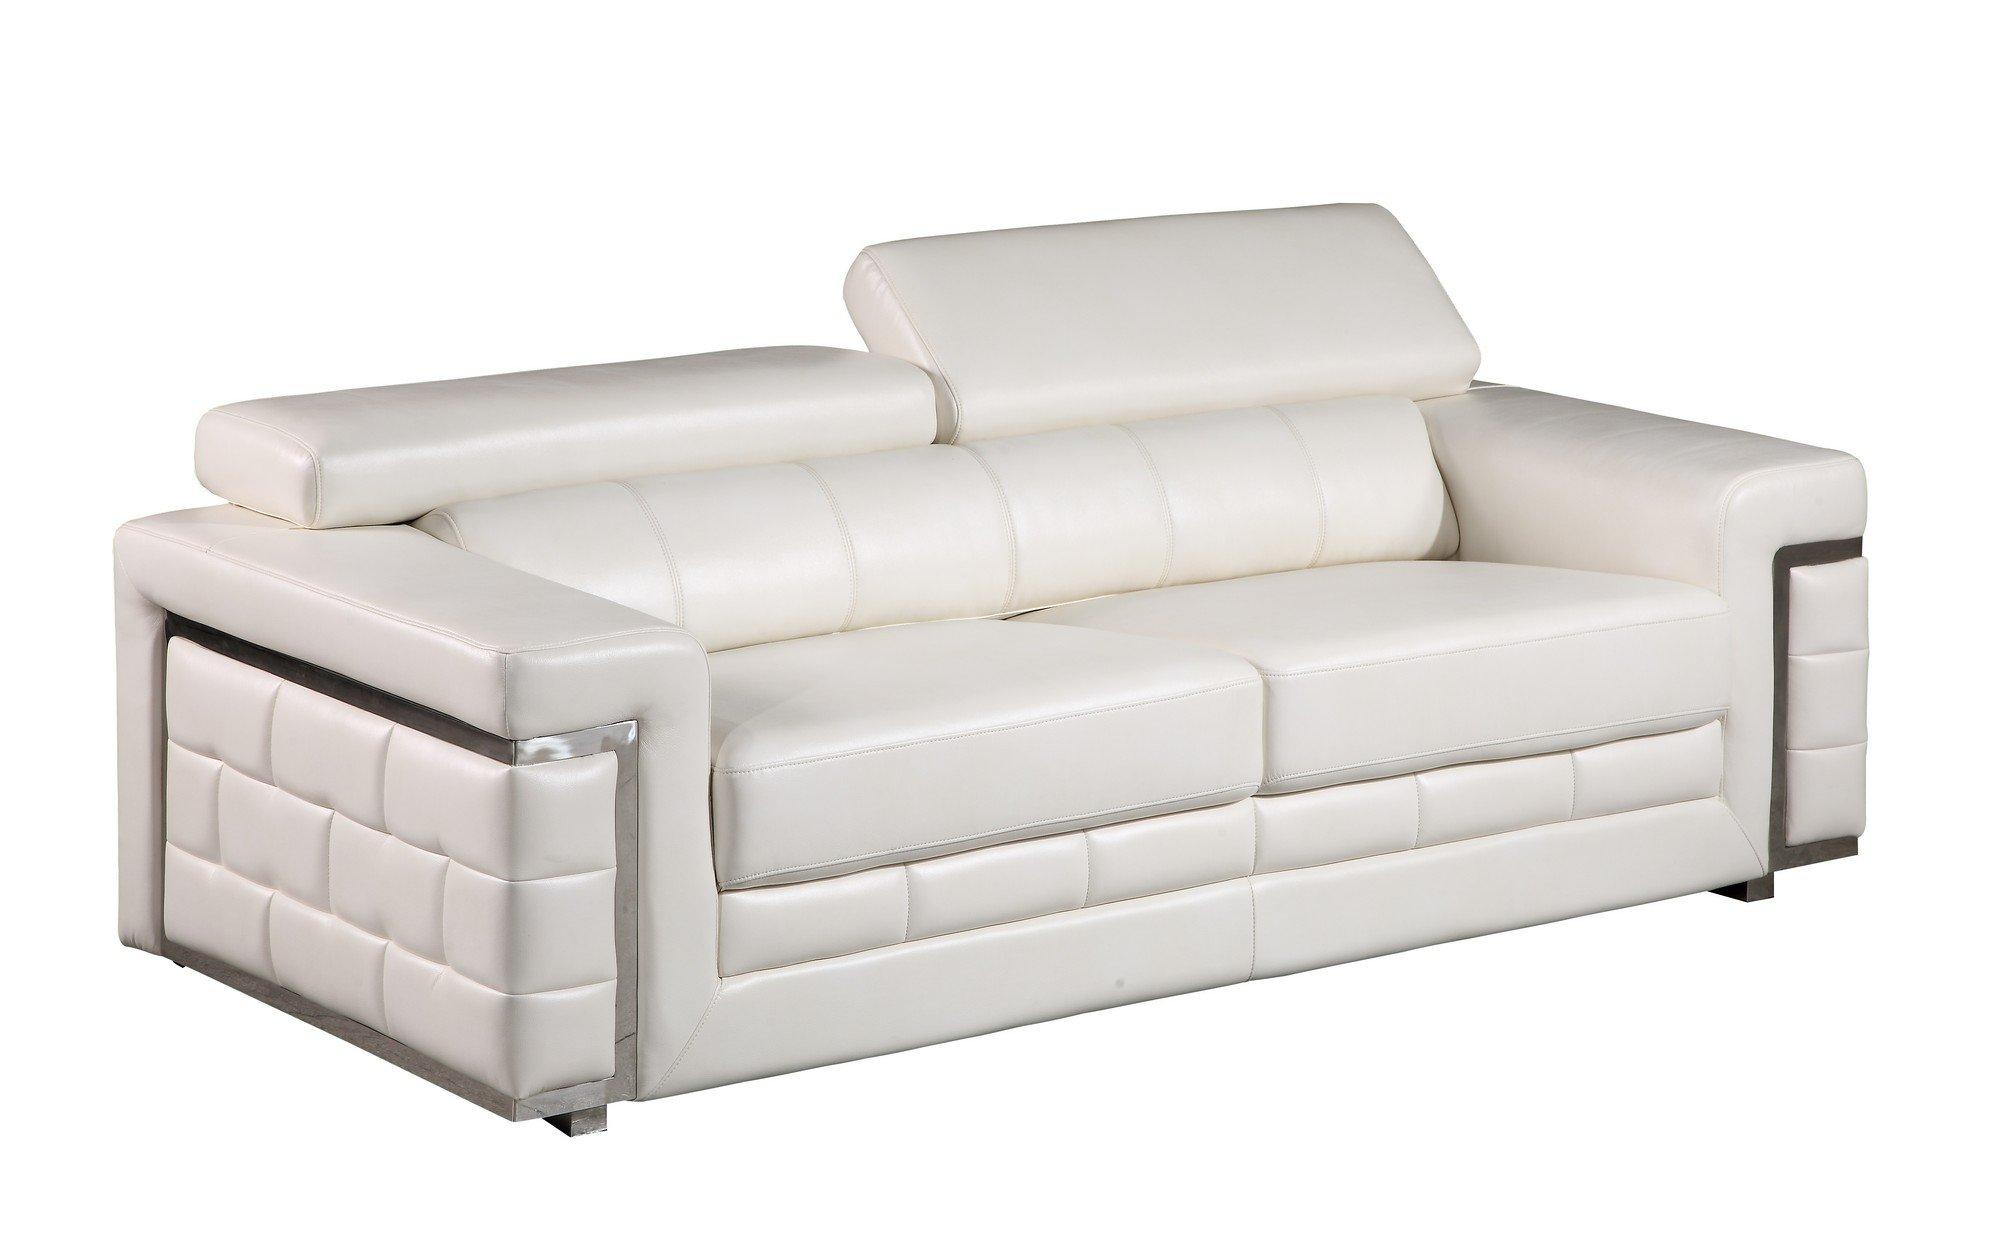 u7940 white leather gel sofa by global furniture. Black Bedroom Furniture Sets. Home Design Ideas